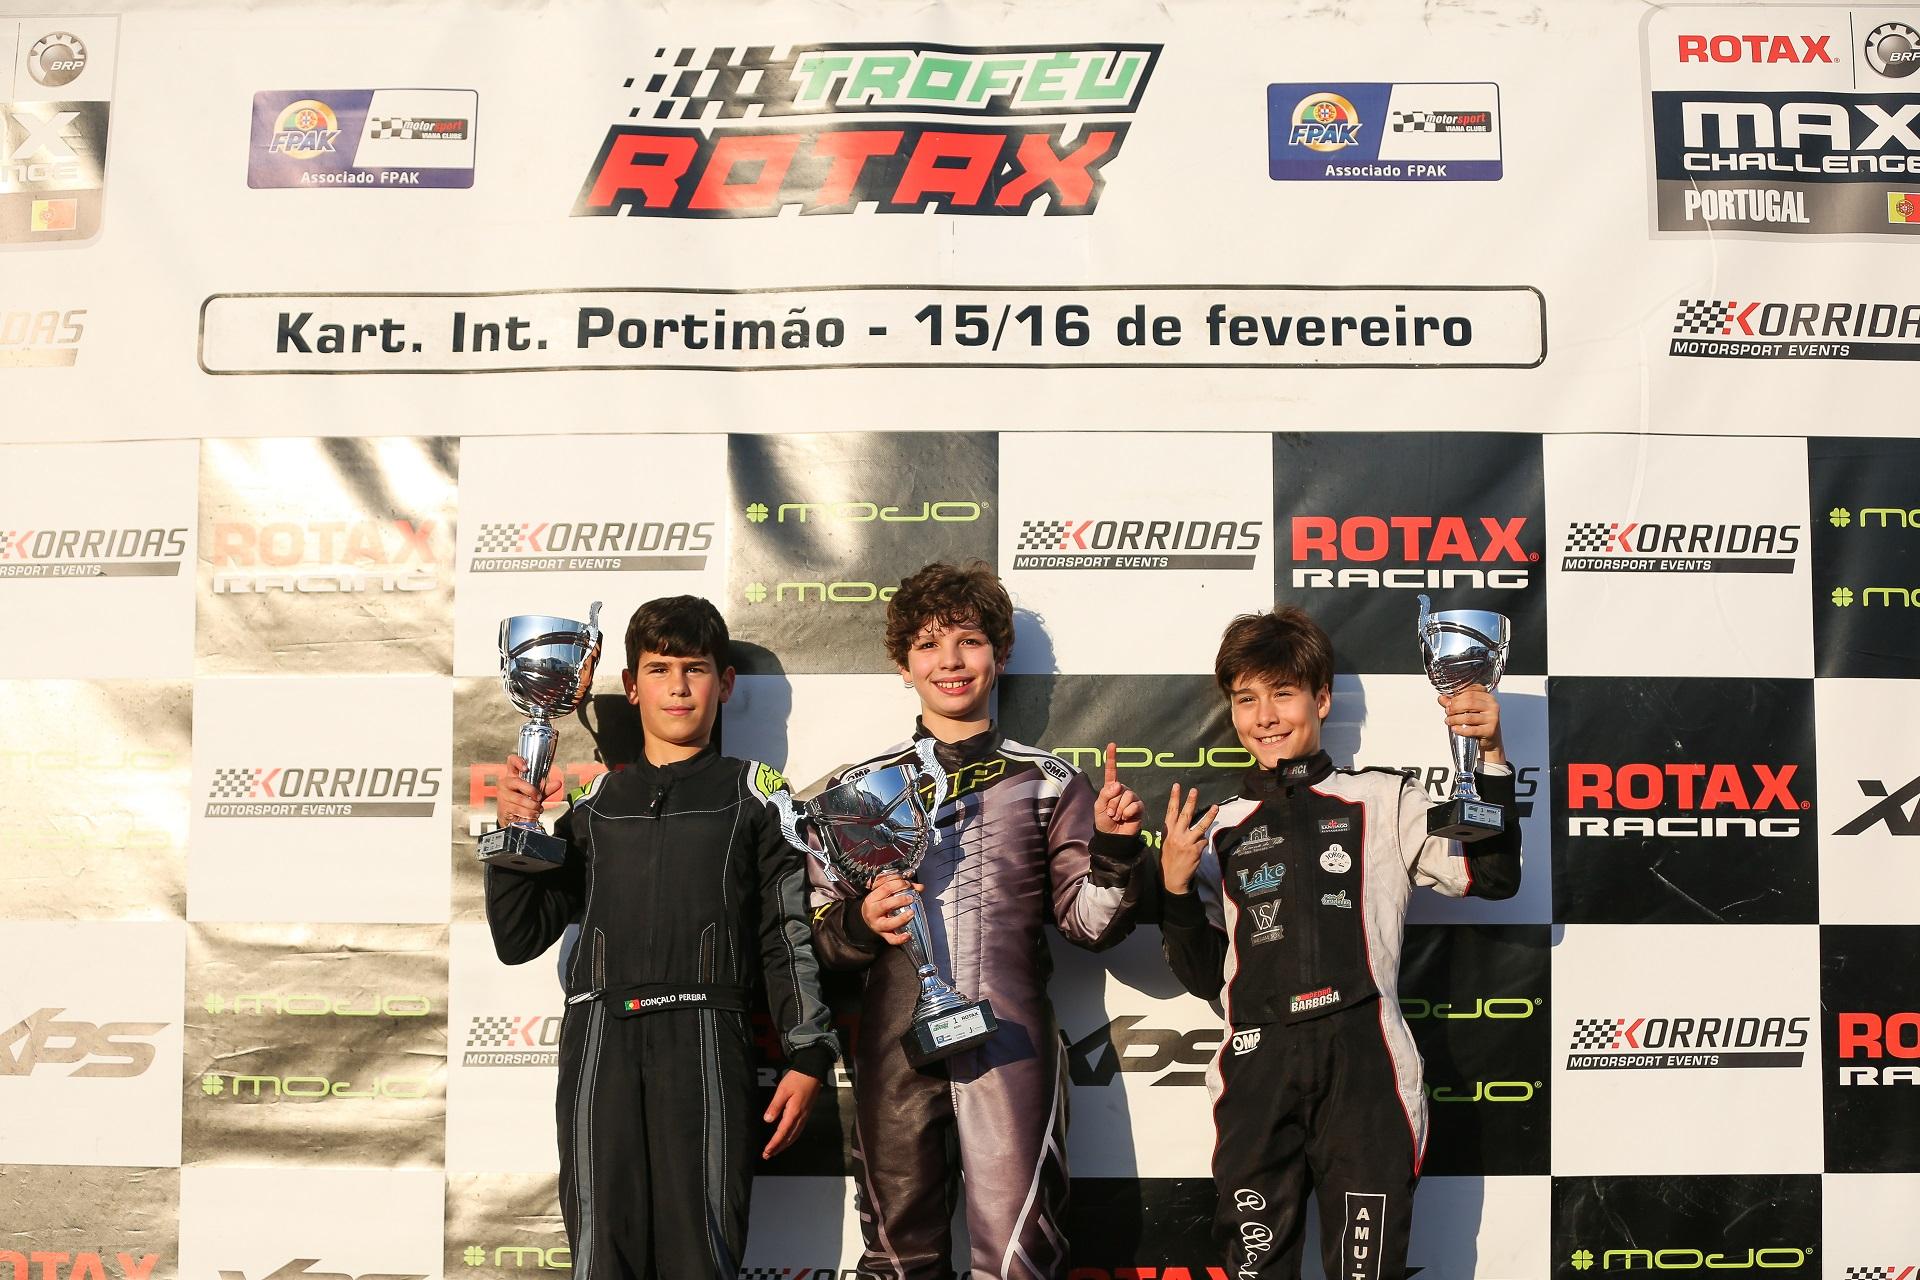 Rodrigo Vilaça muito forte no arranque do Troféu Rotax Mini-Max em Portimão